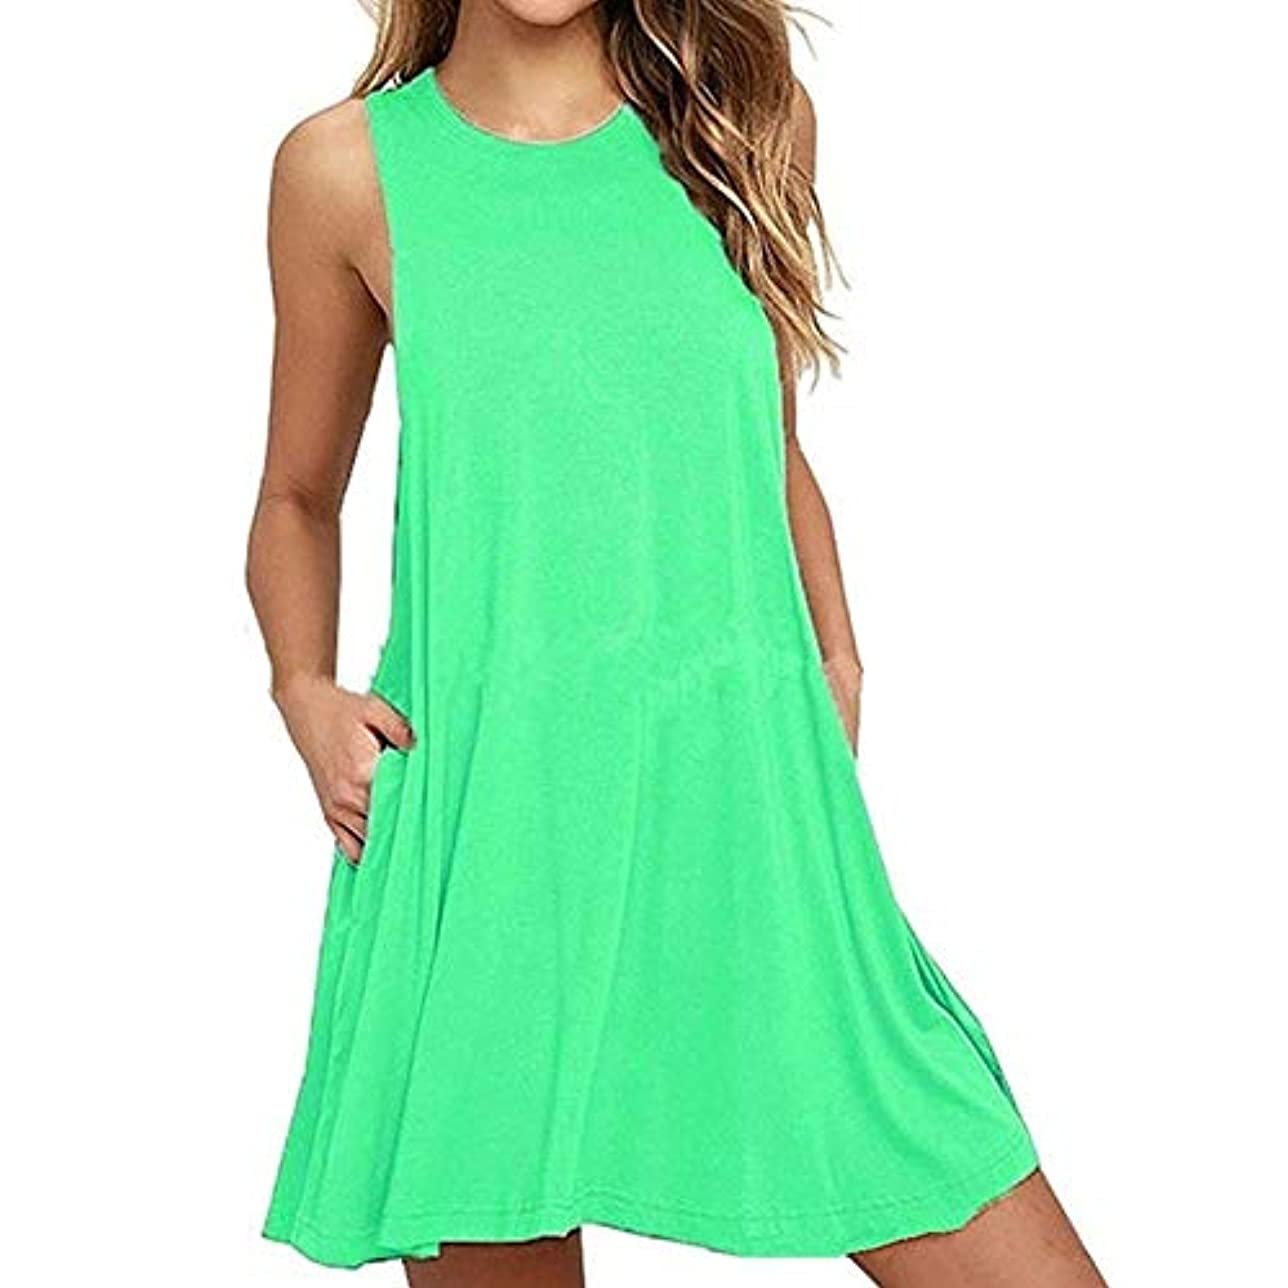 普通に被る乱闘MIFAN 人の女性のドレス、プラスサイズのドレス、ノースリーブのドレス、ミニドレス、ホルタードレス、コットンドレス